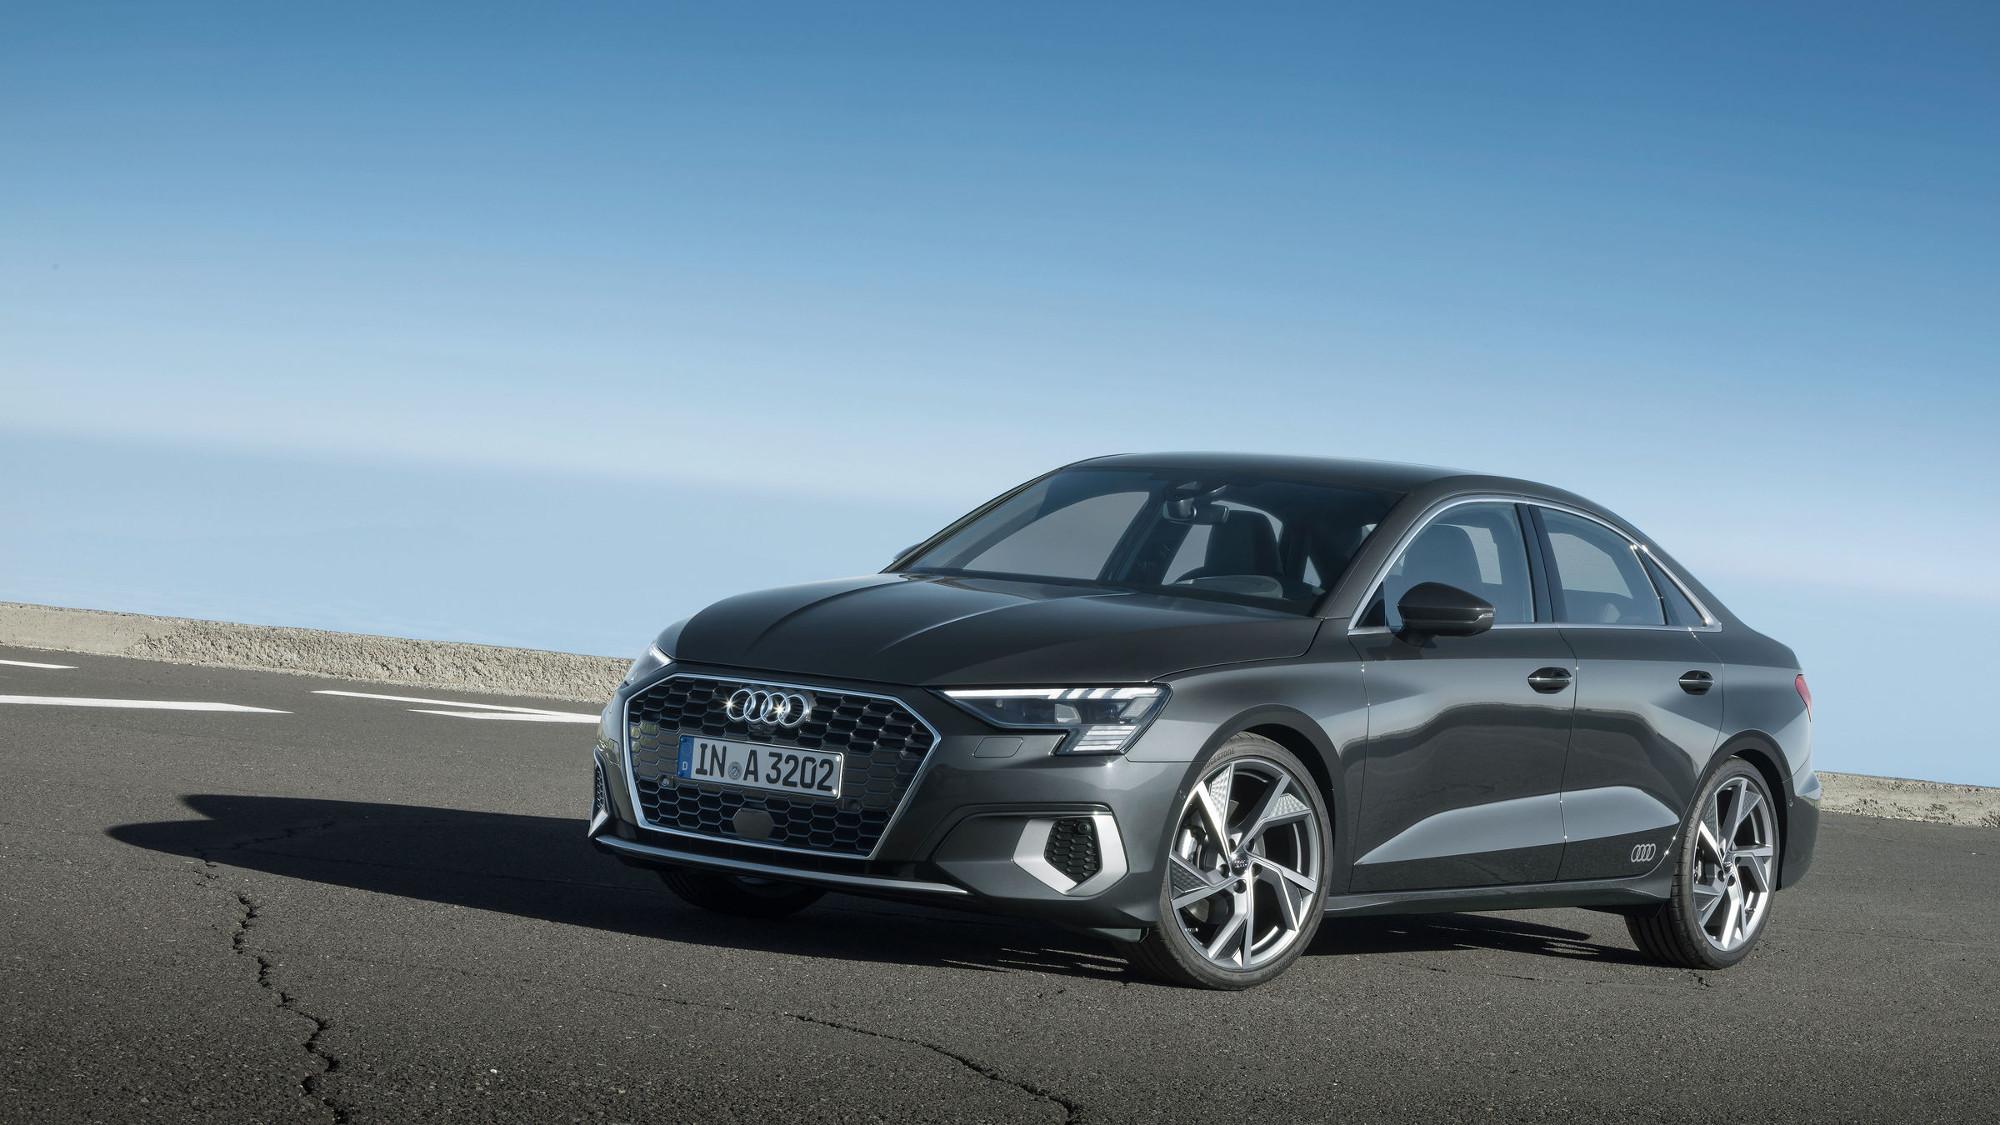 Conoce todos los detalles del nuevo Audi A3 sedán